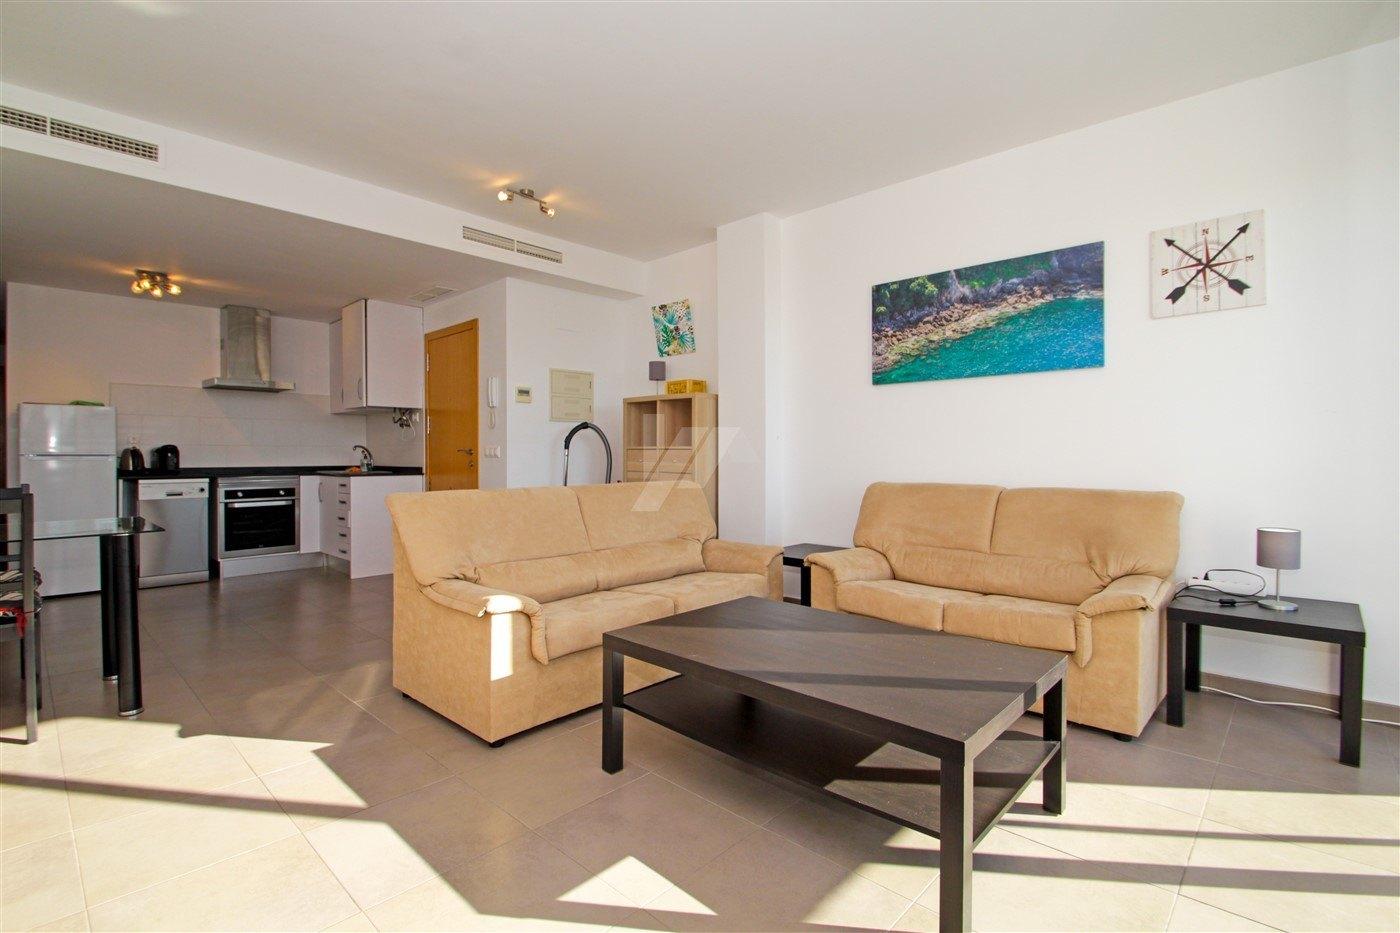 Se vende piso con vistas al mar en Benitachell, Costa Blanca.